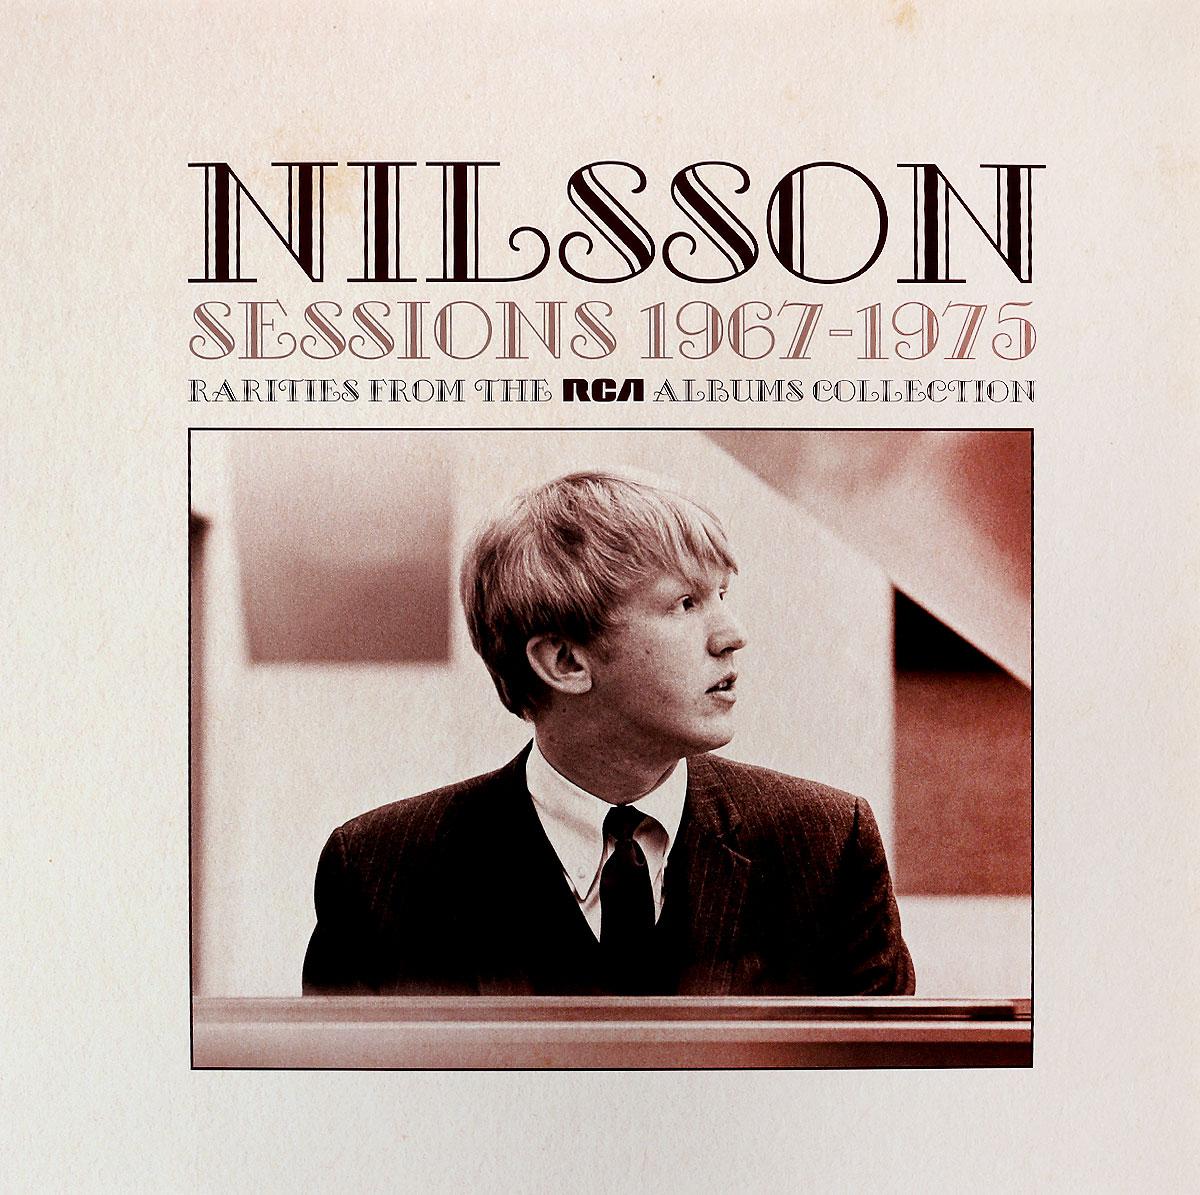 Хэрри Нилссон Harry Nilsson. Sessions 1967-1975 (LP) бирджит нильссон birgit nilsson la nilsson 79 cd 2 dvd